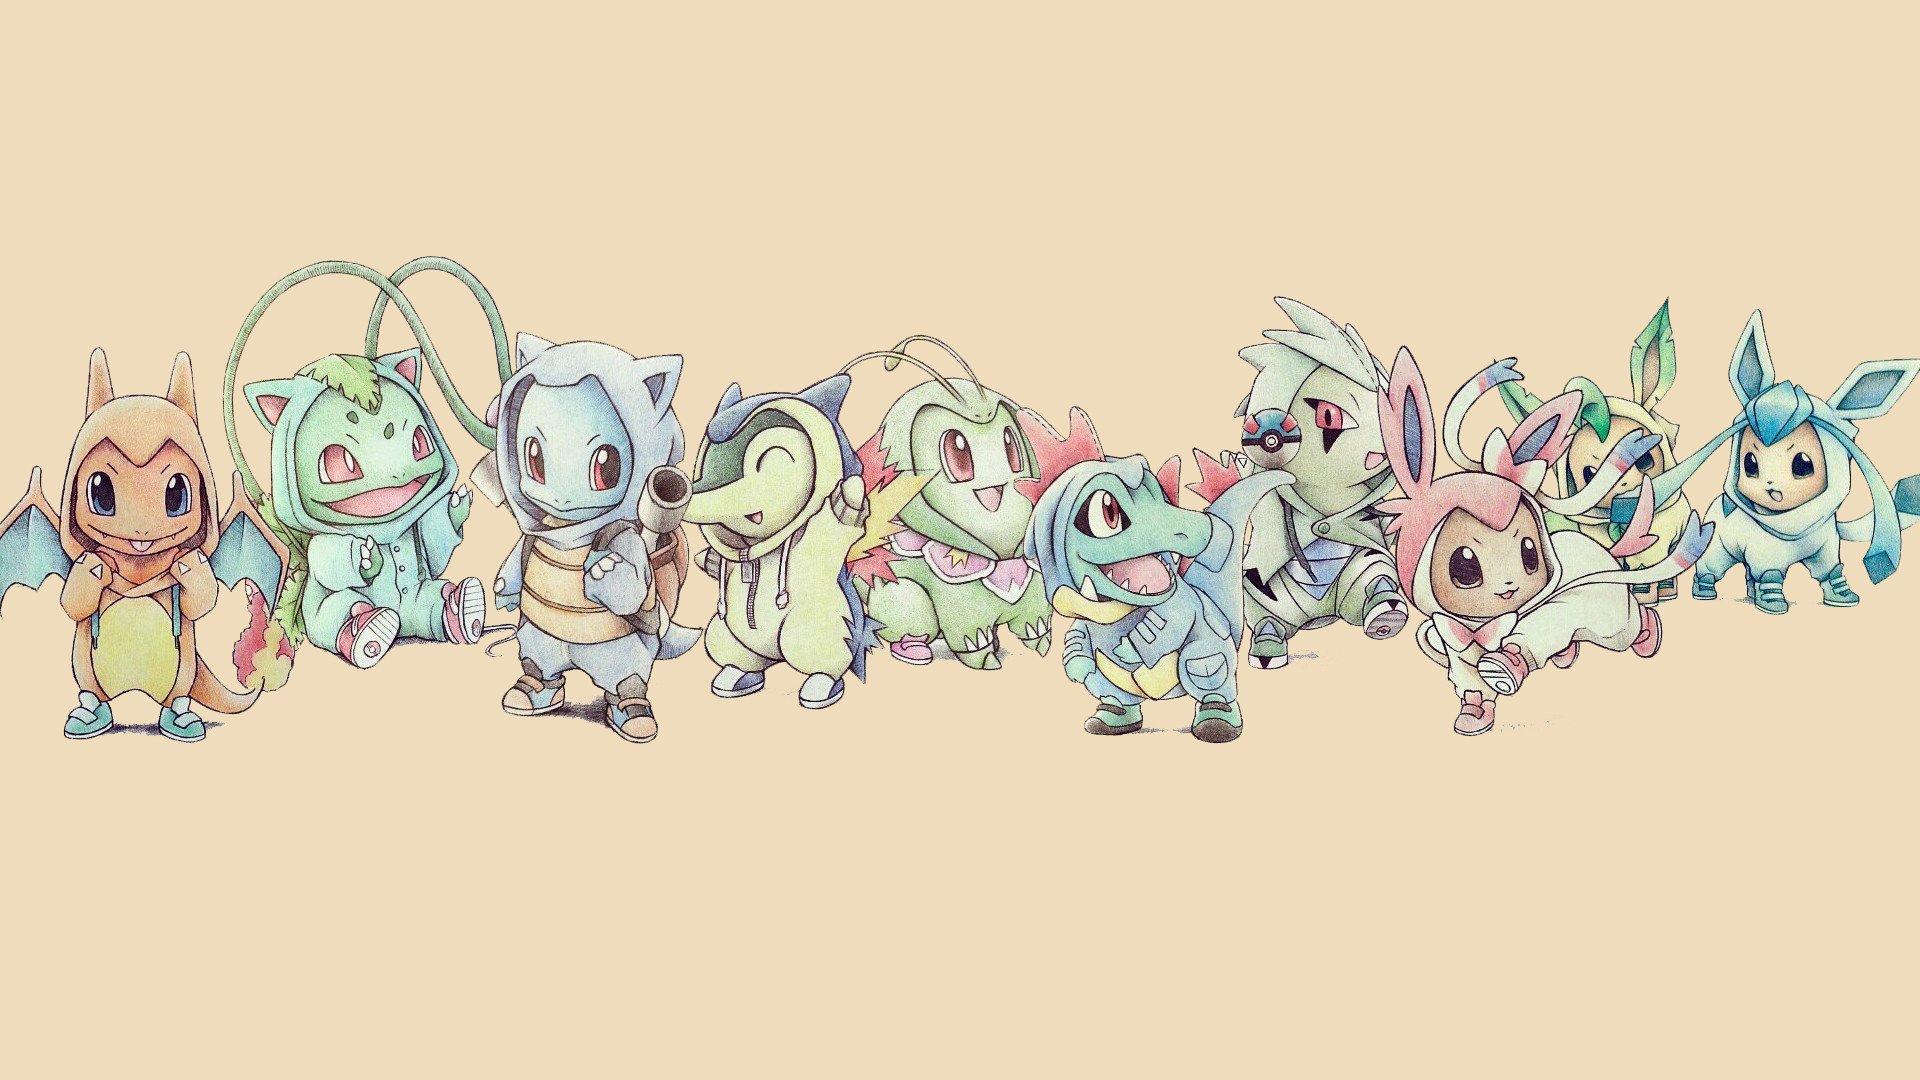 48 Eevee Pokemon HD Wallpapers